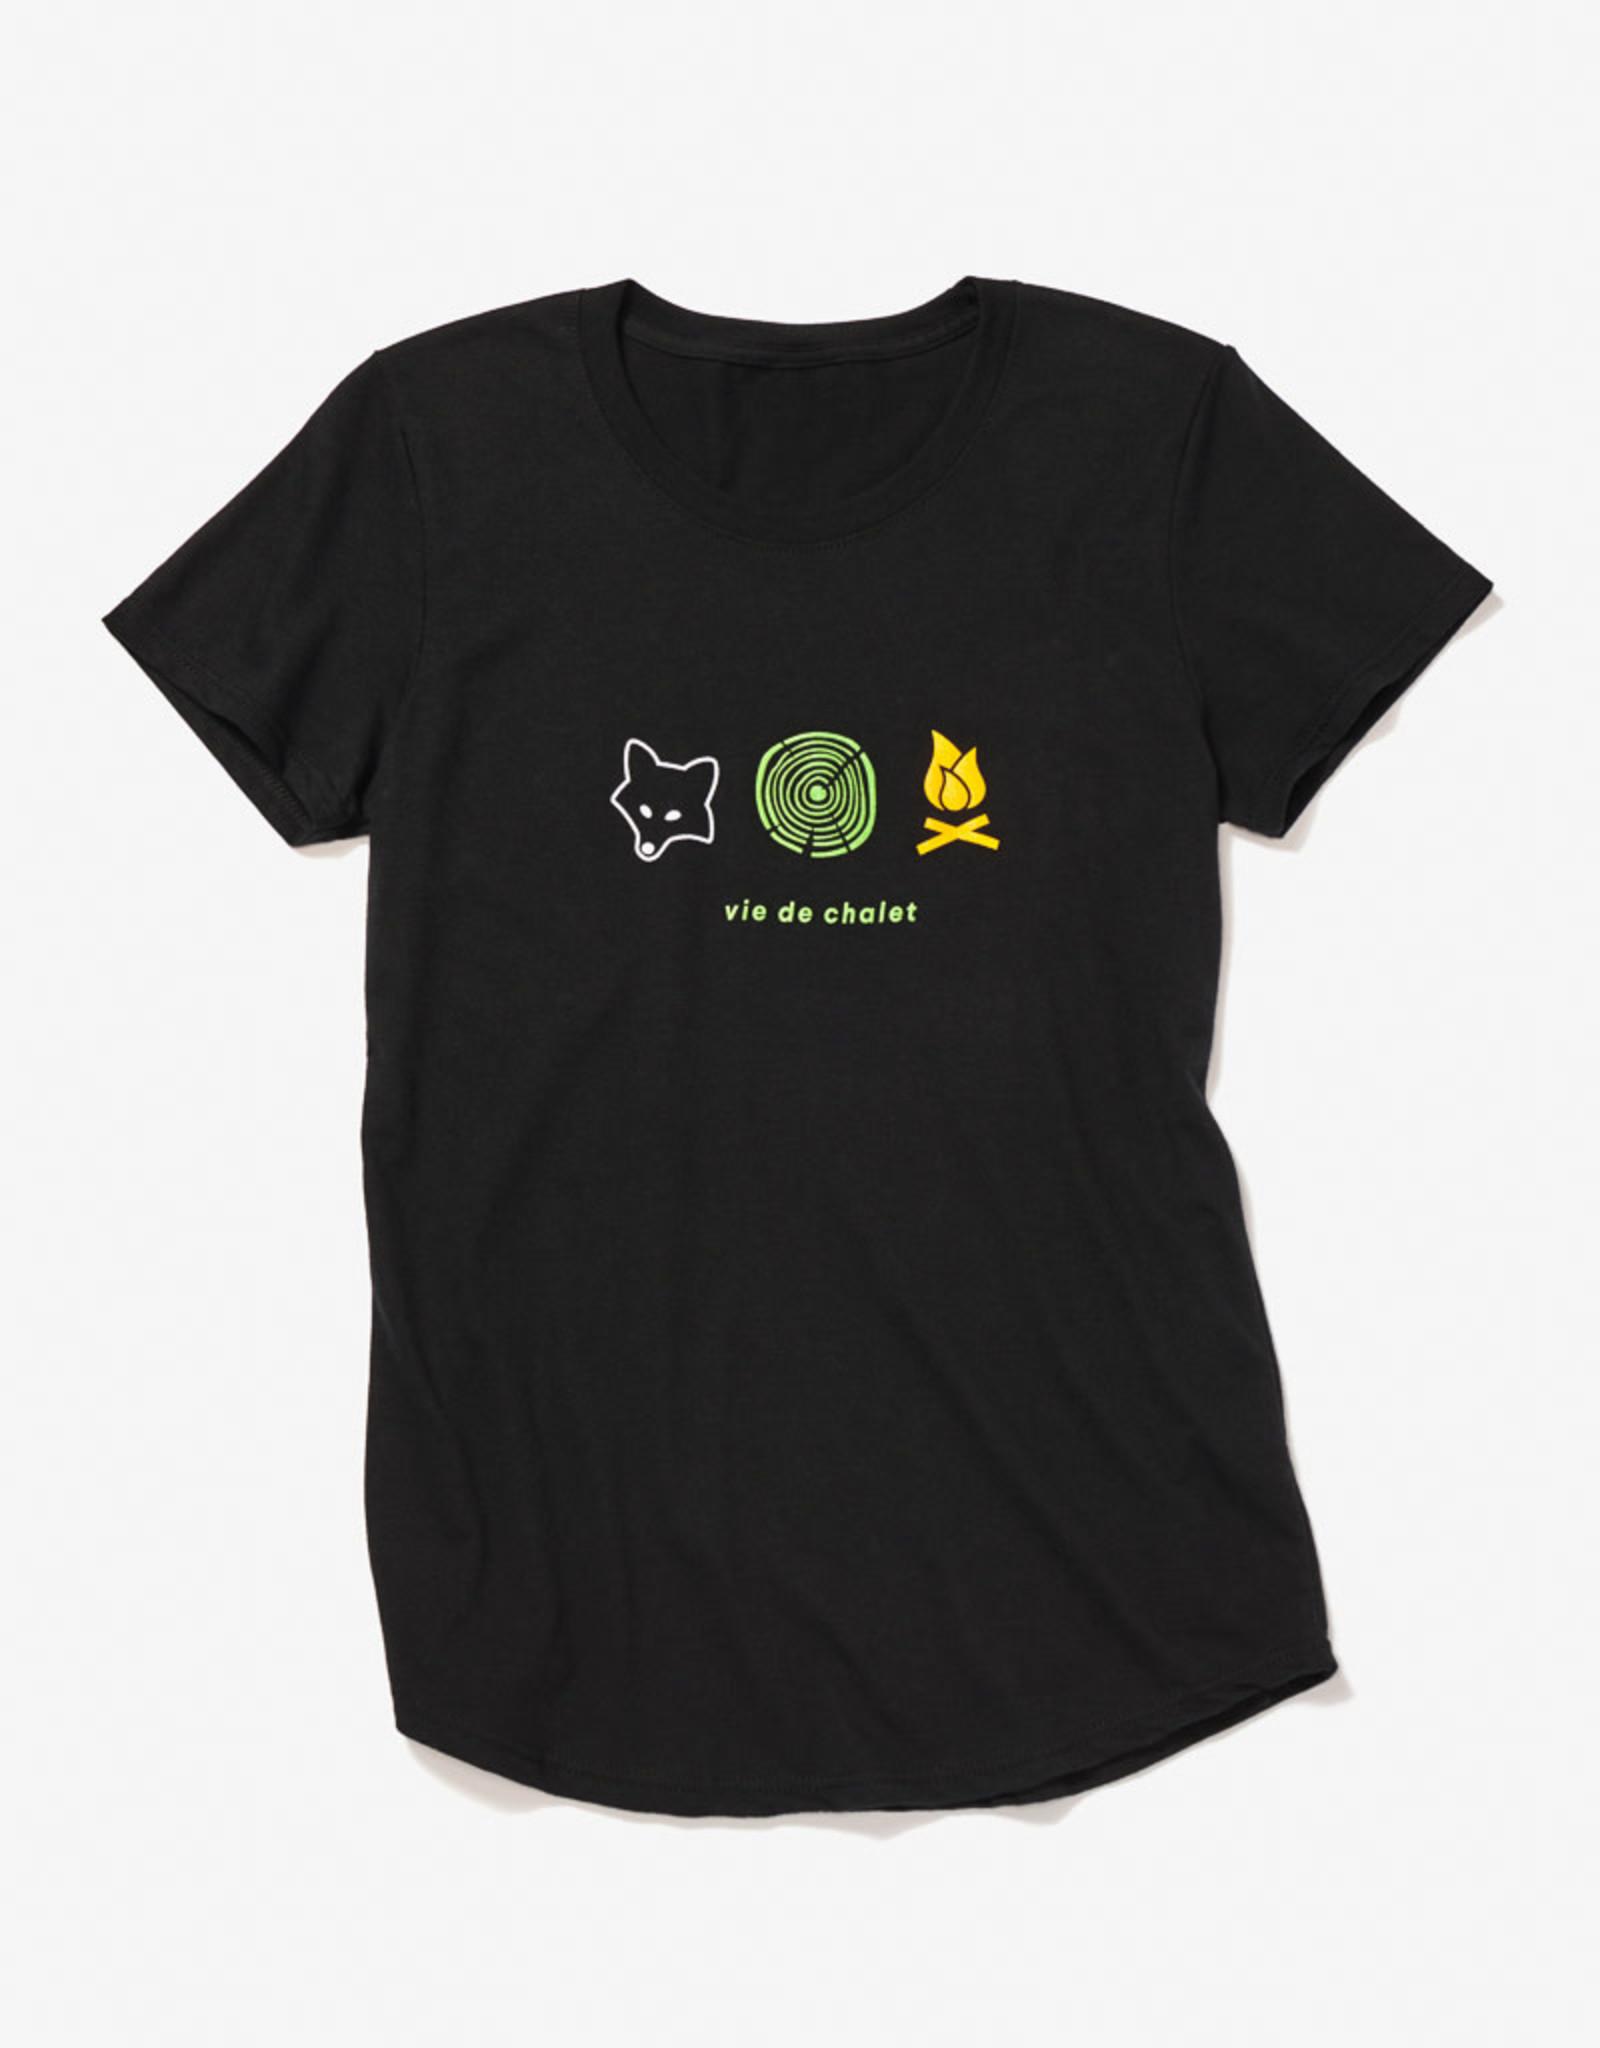 ANVIL T-shirt pour femmes